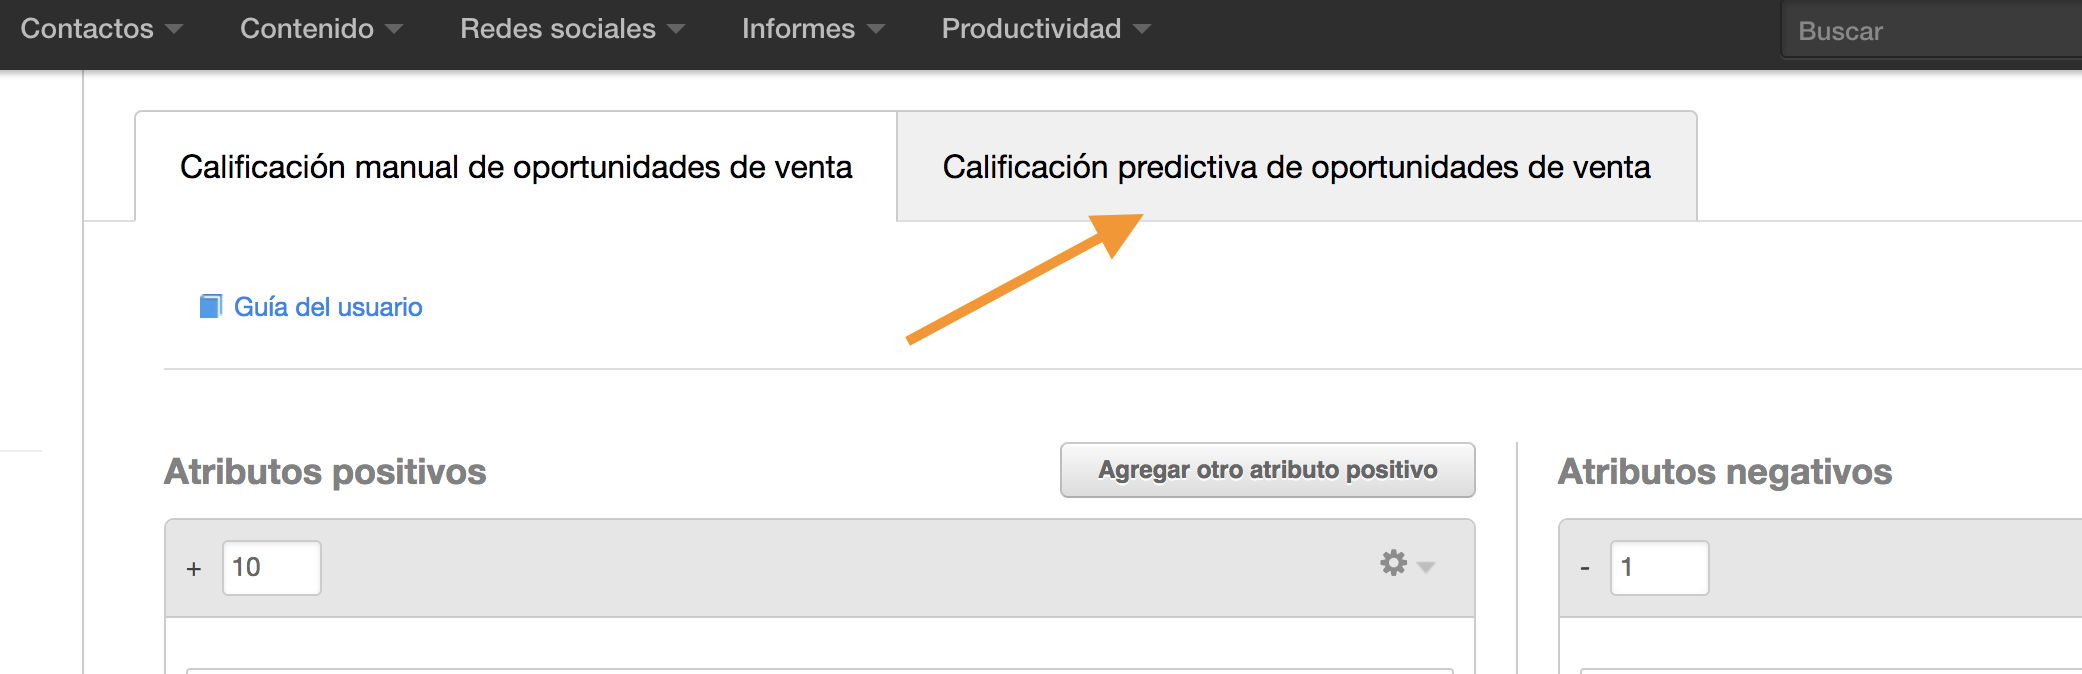 Calificacion-predictiva-oportunidades-de-venta.png